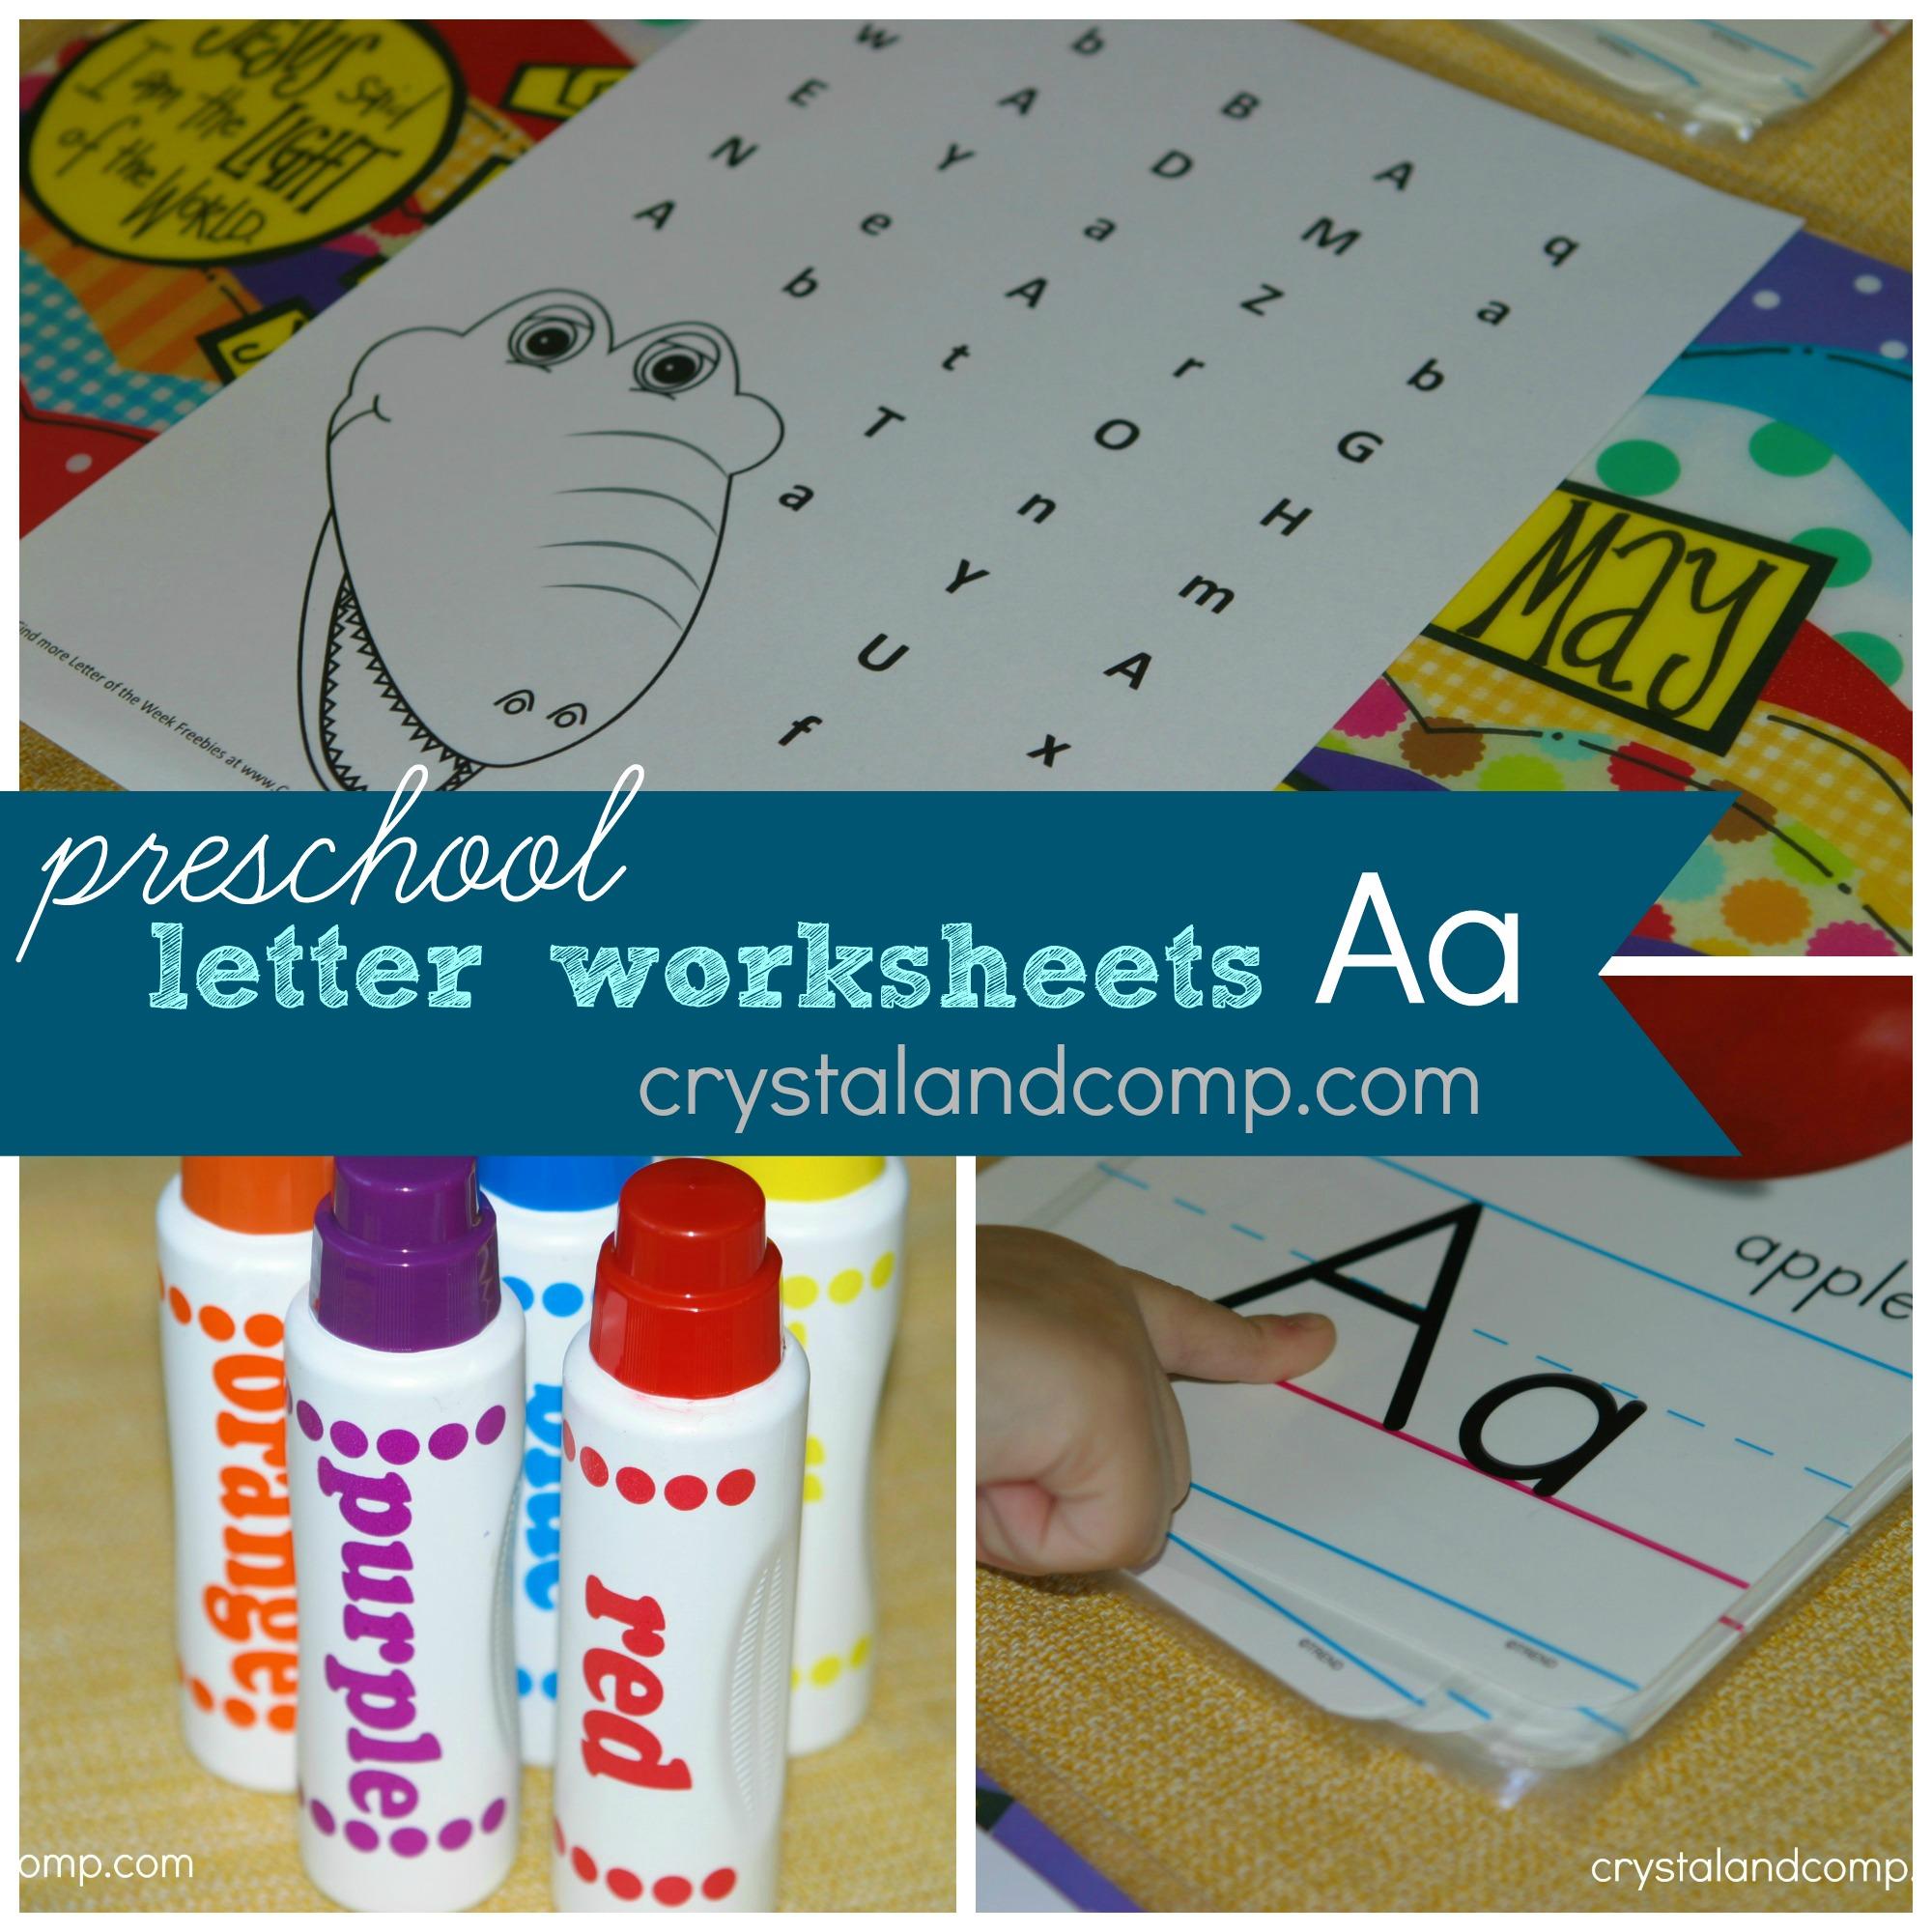 Preschool Letter Worksheets: A is for Alligator